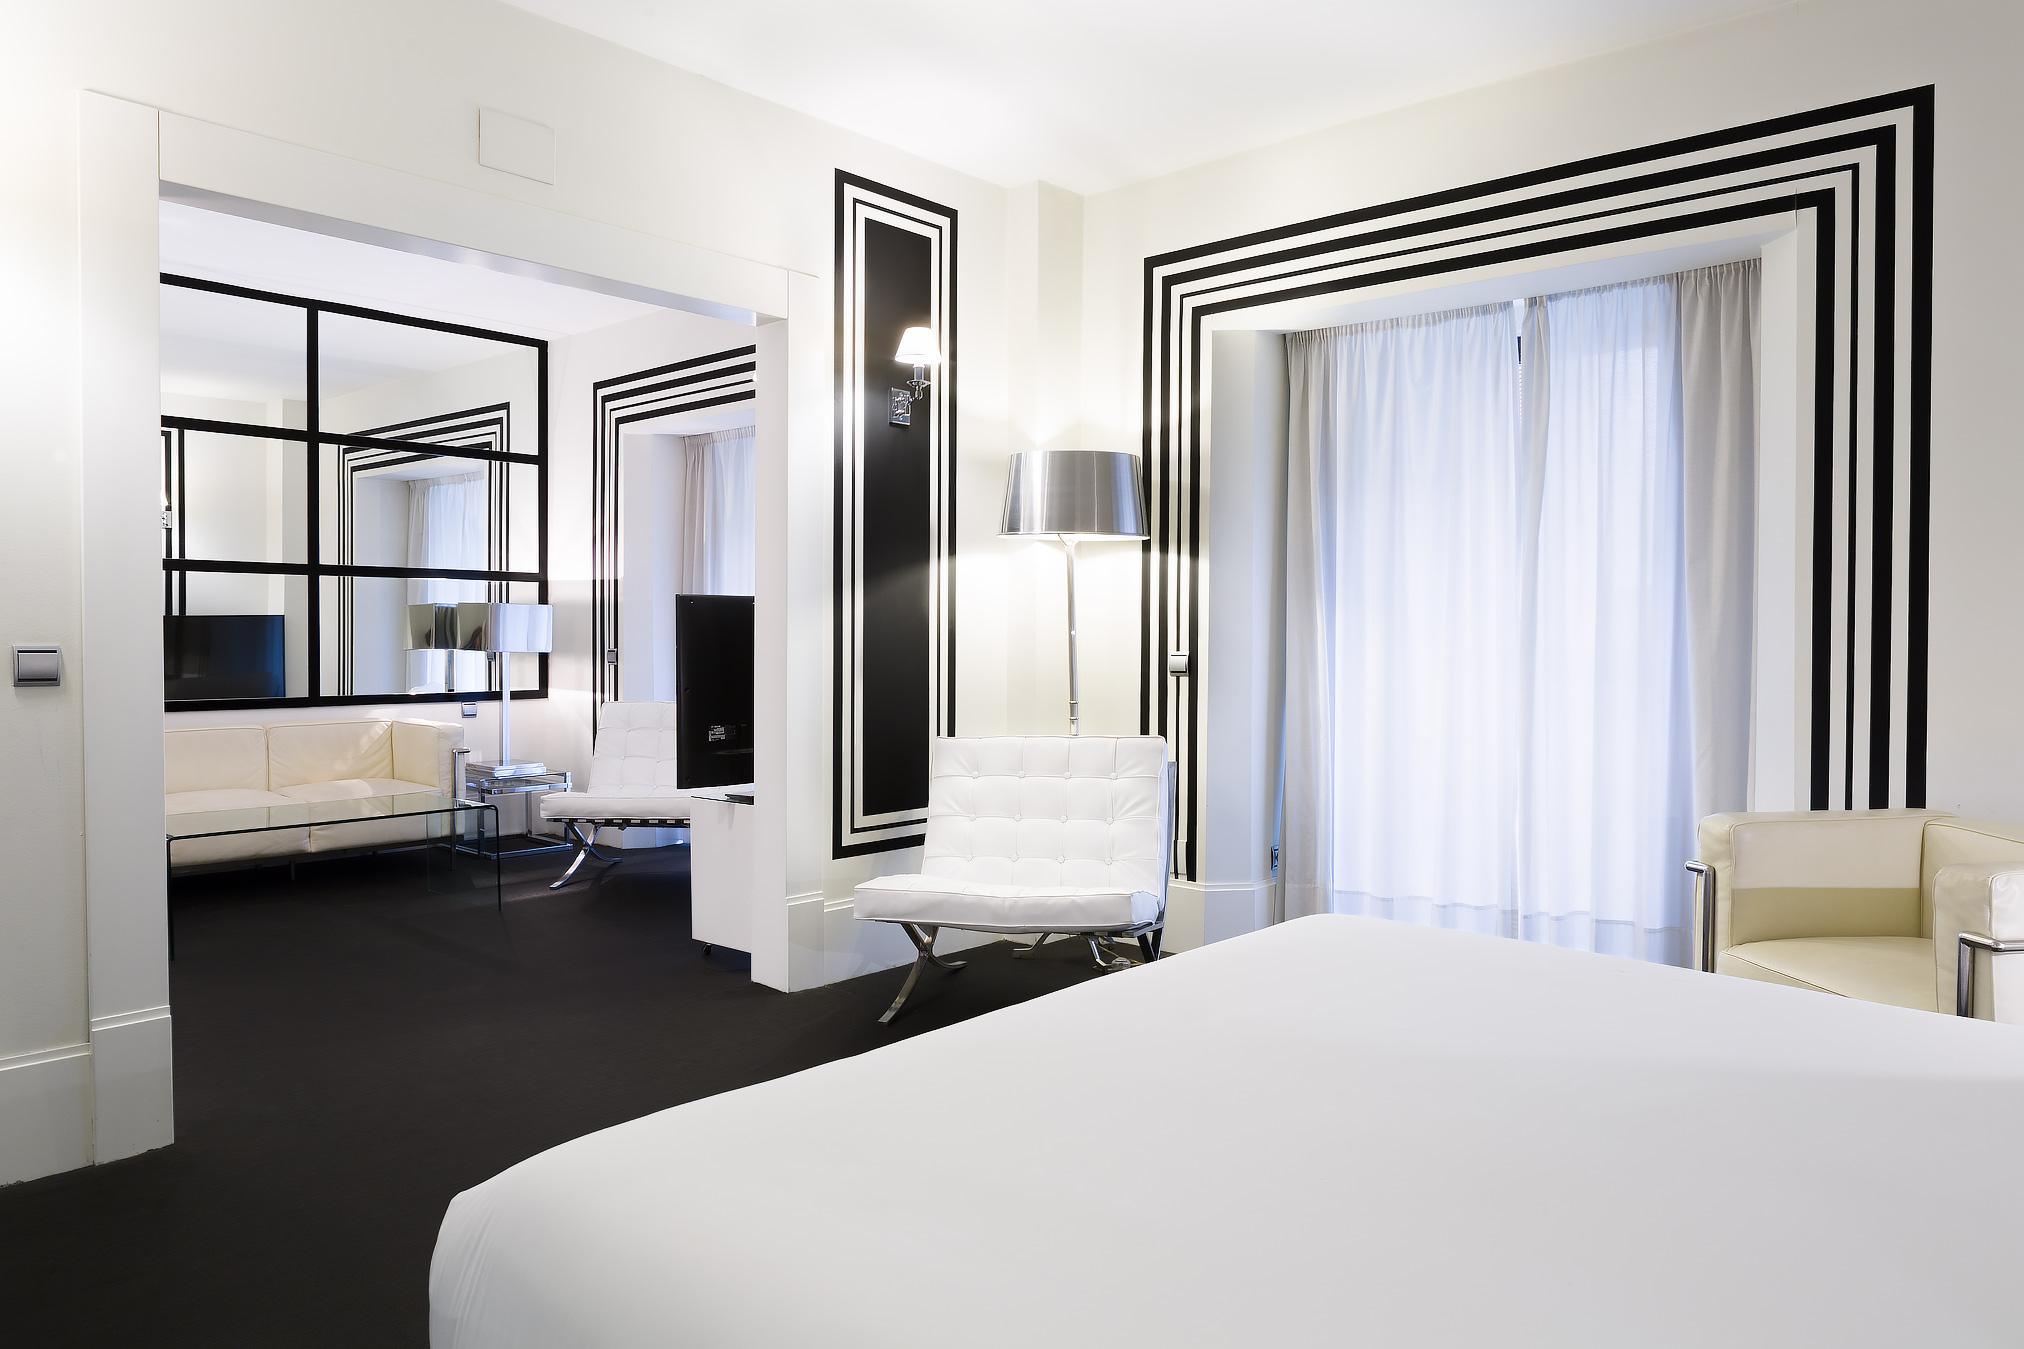 Suite blanco y negro | Espacio & Confort